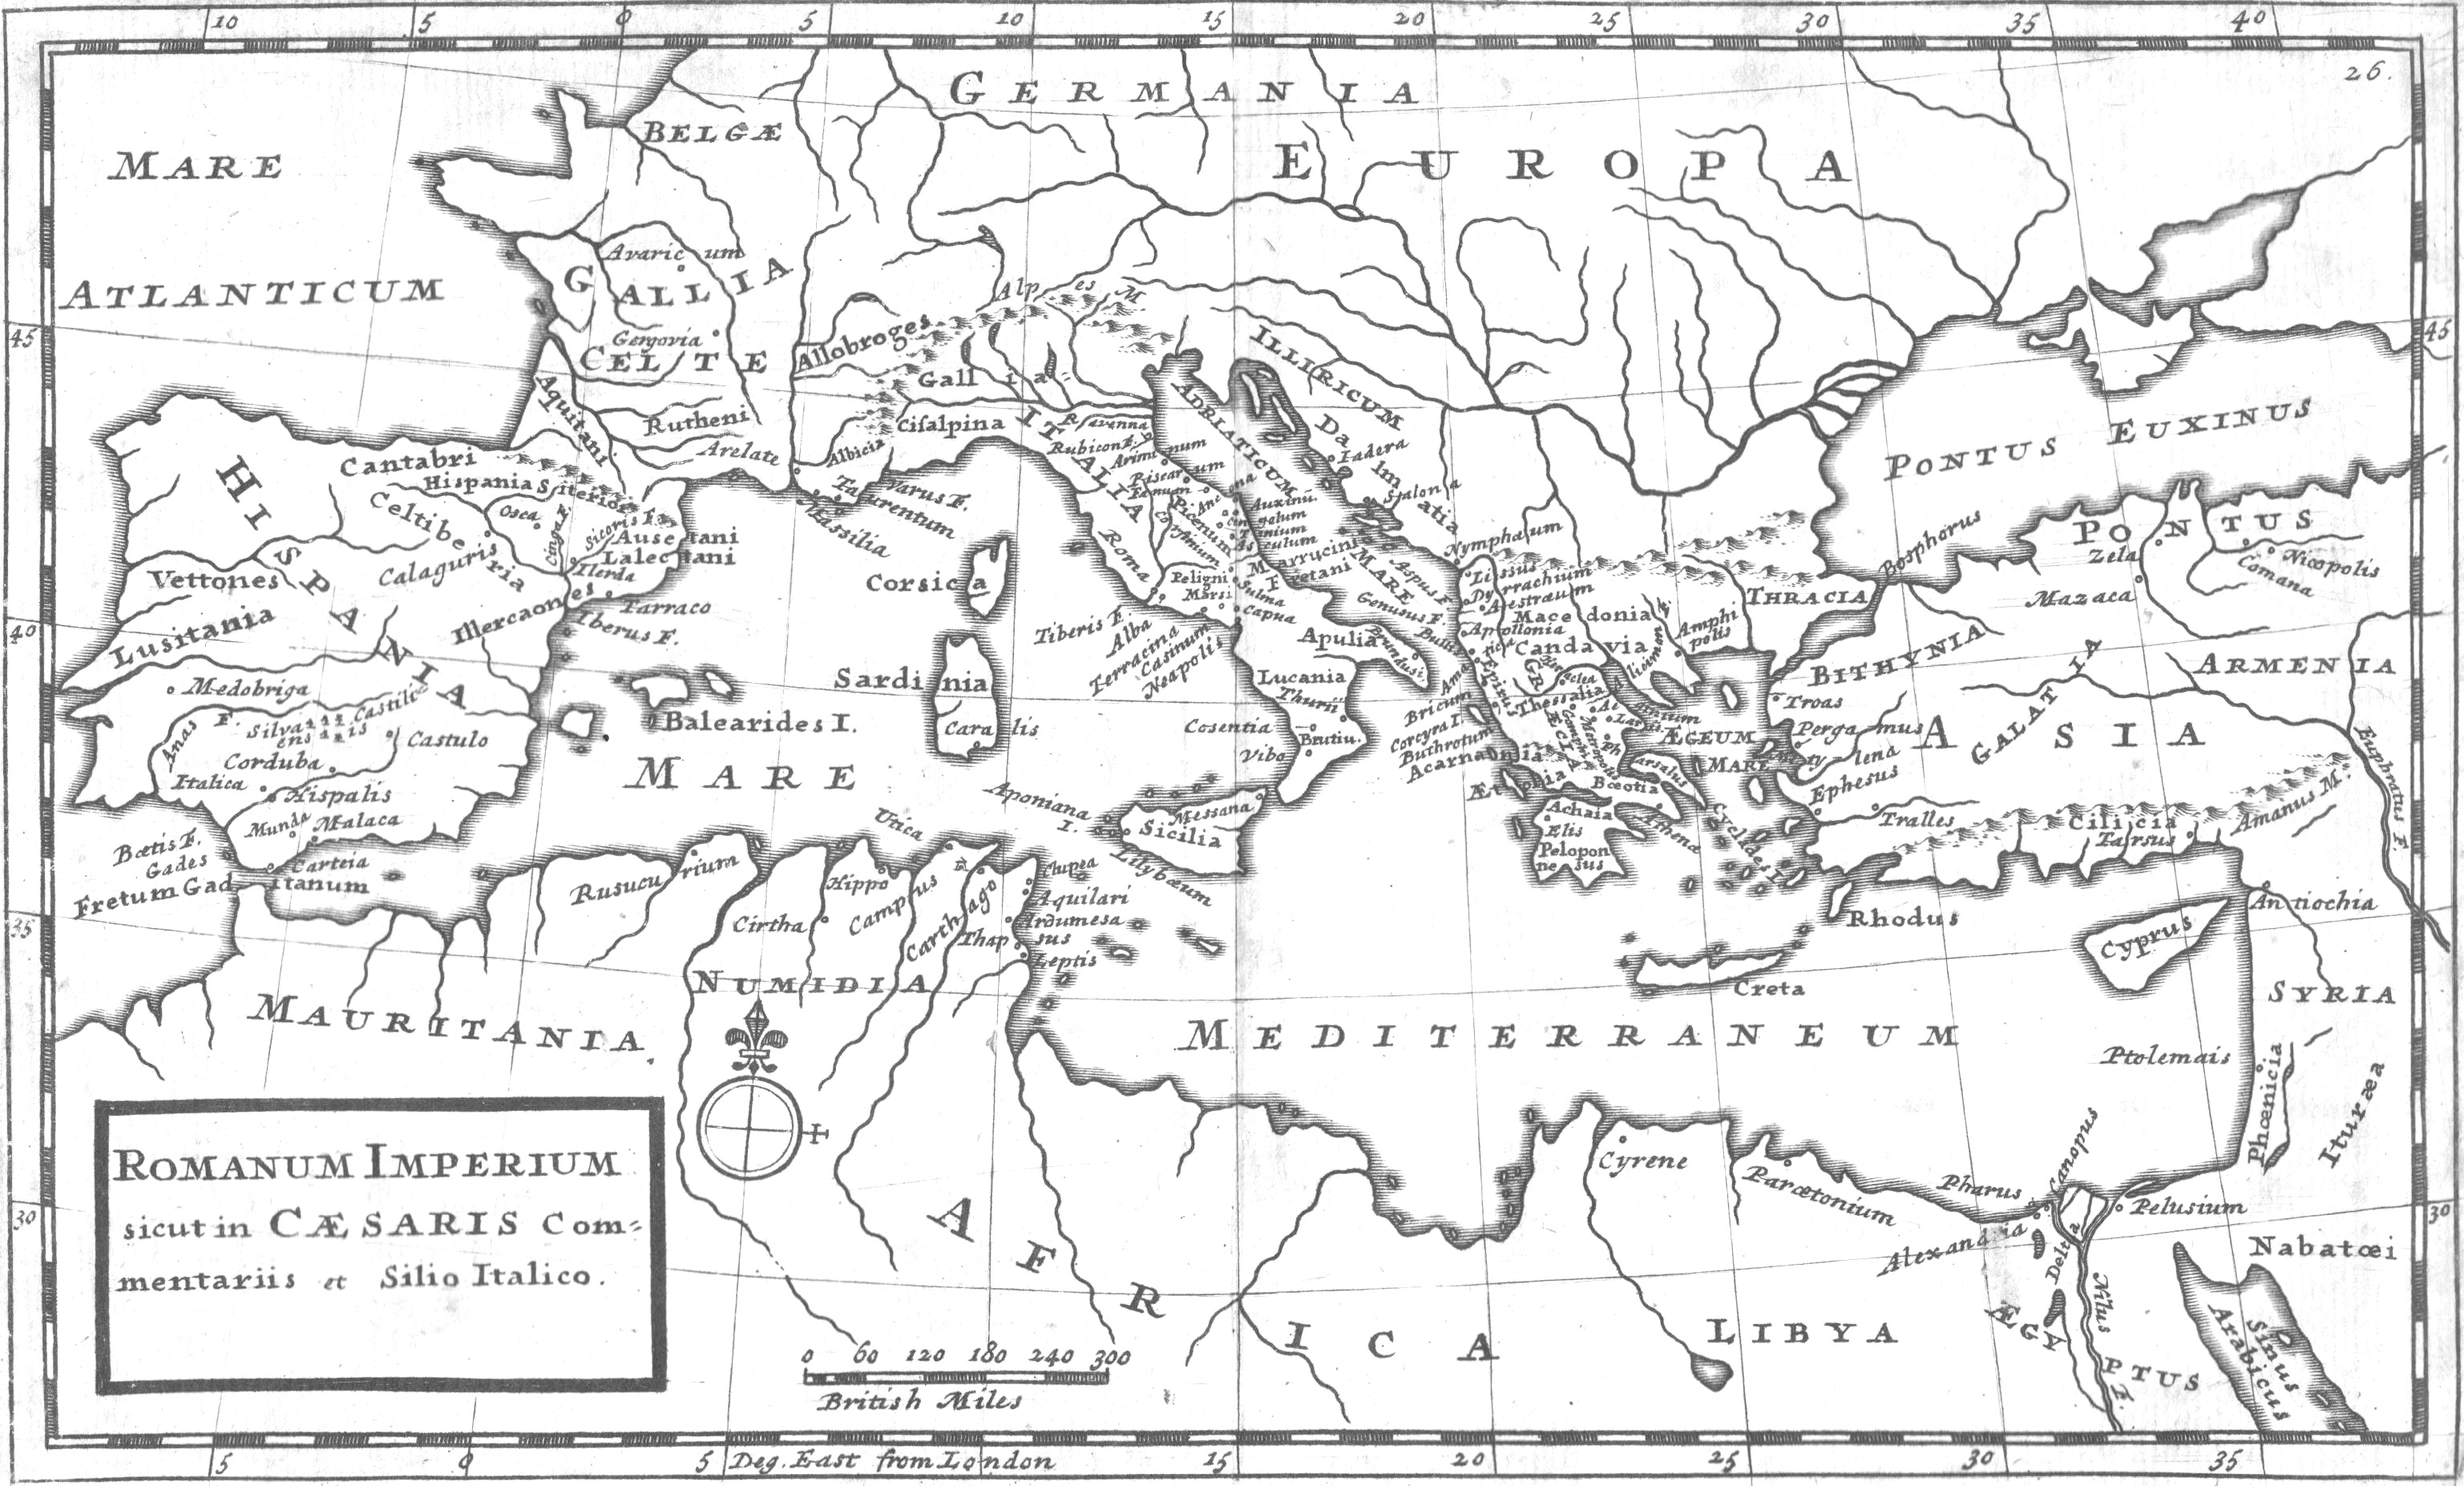 Historia de Roma El ascenso 2 de 3